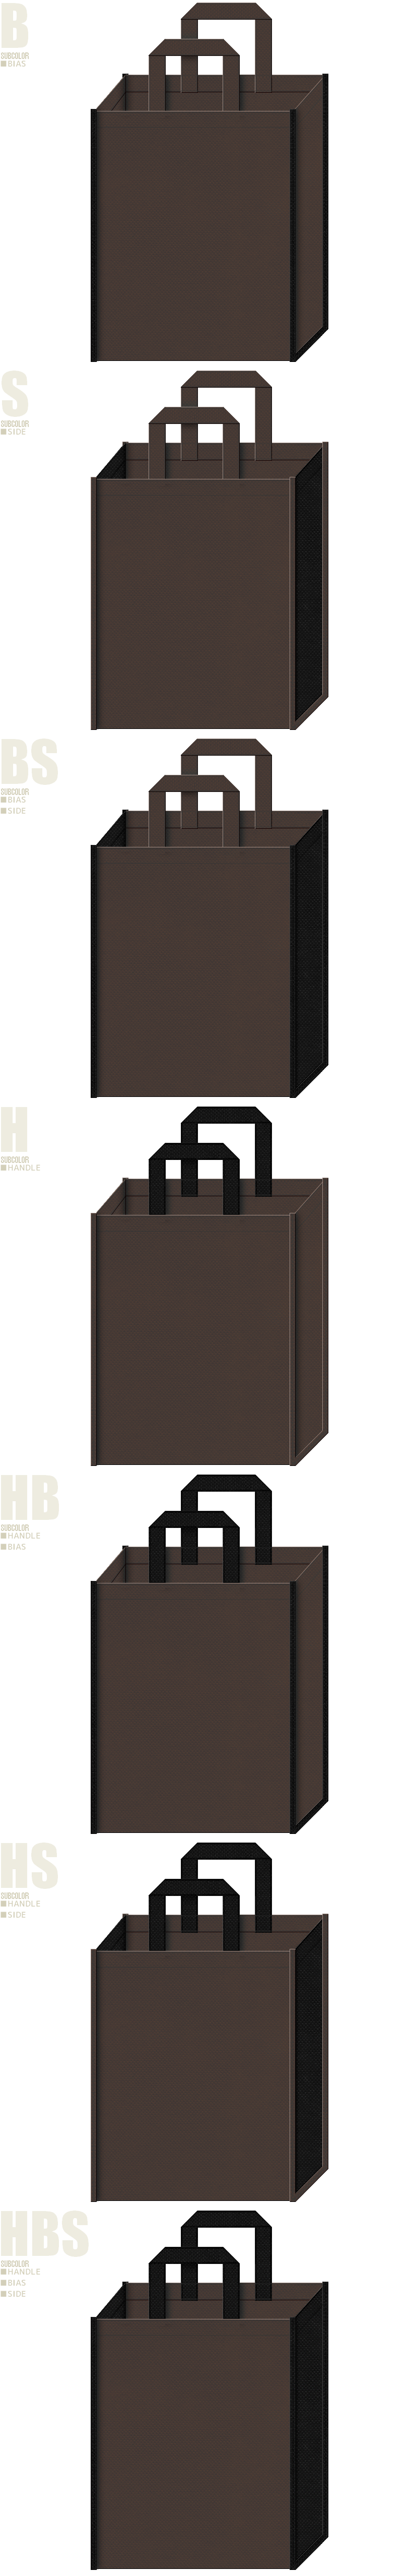 お城イベント・ゲームのバッグノベルティにお奨めです。忍者風の配色、こげ茶色と黒色、7パターンの不織布トートバッグ配色デザイン例。